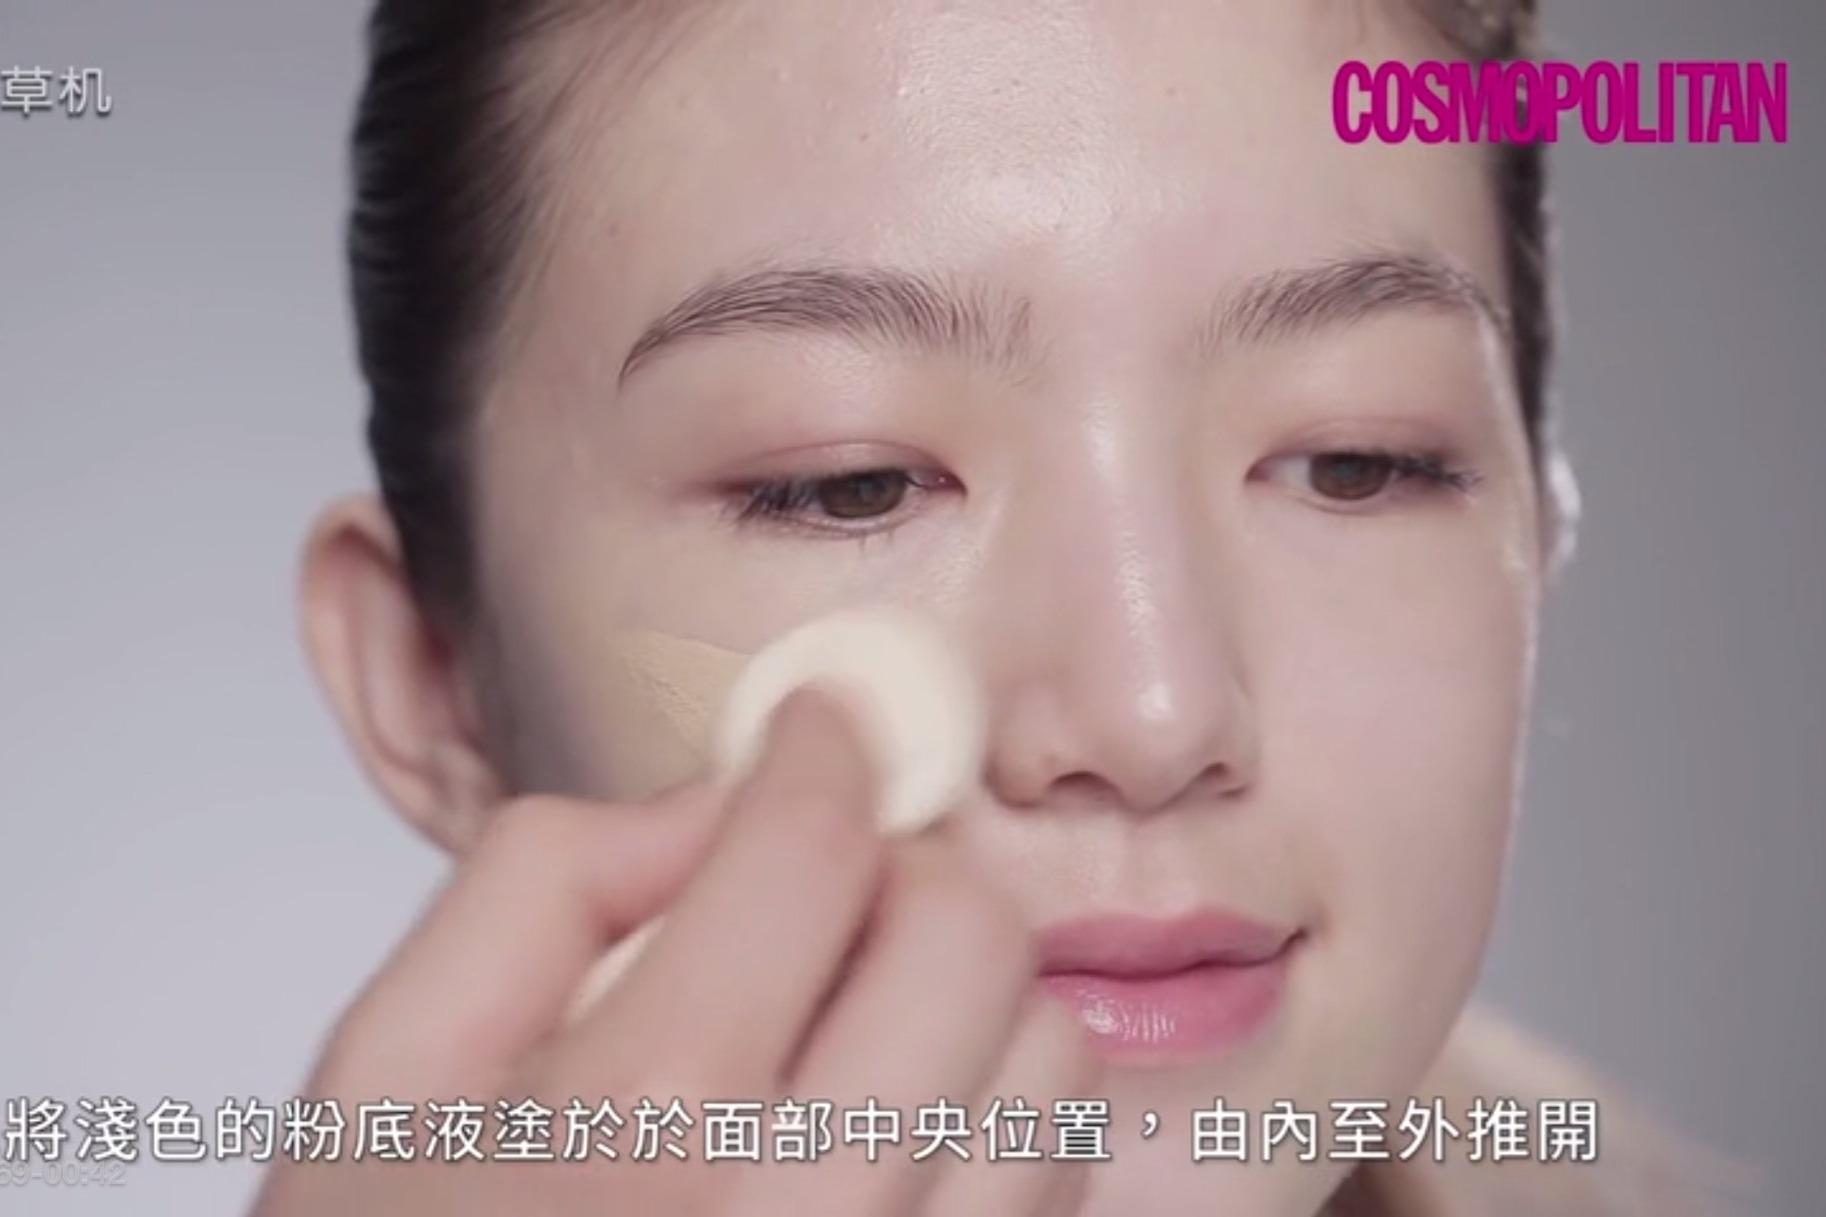 日本顶级化妆师教授透明底妆的要诀,男朋友绝对看不出你化了妆!